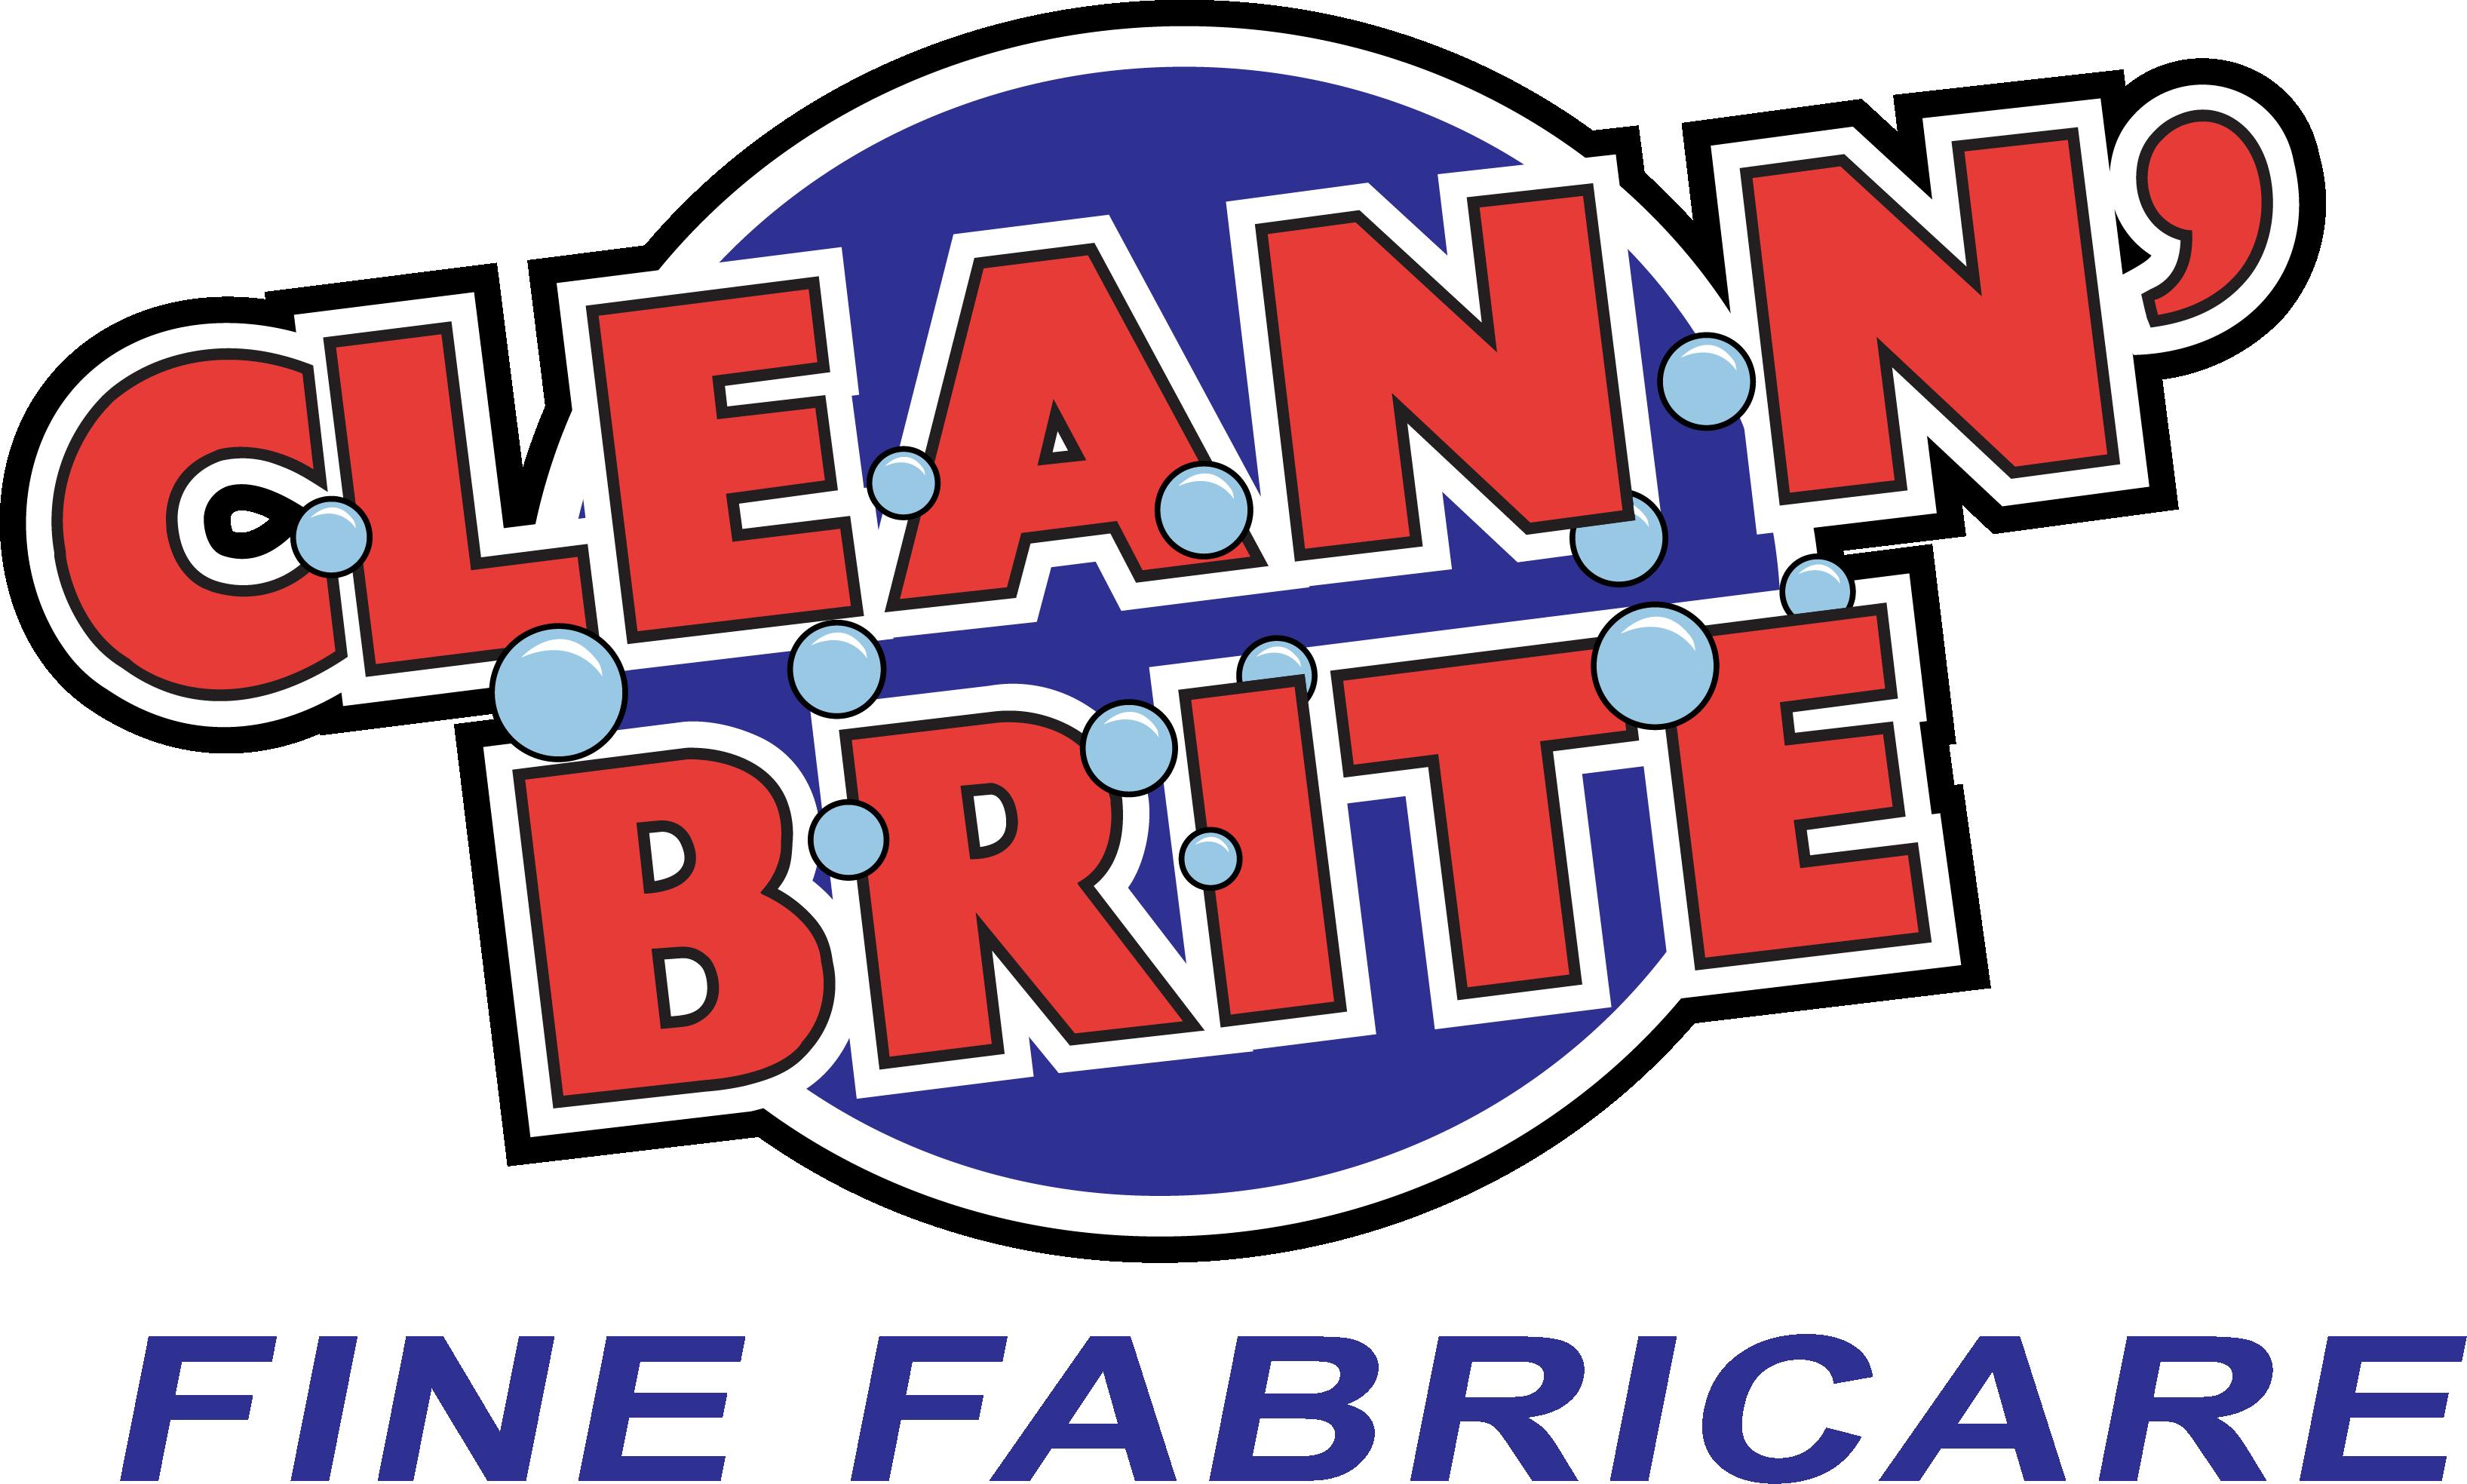 Clean 'N' Brite